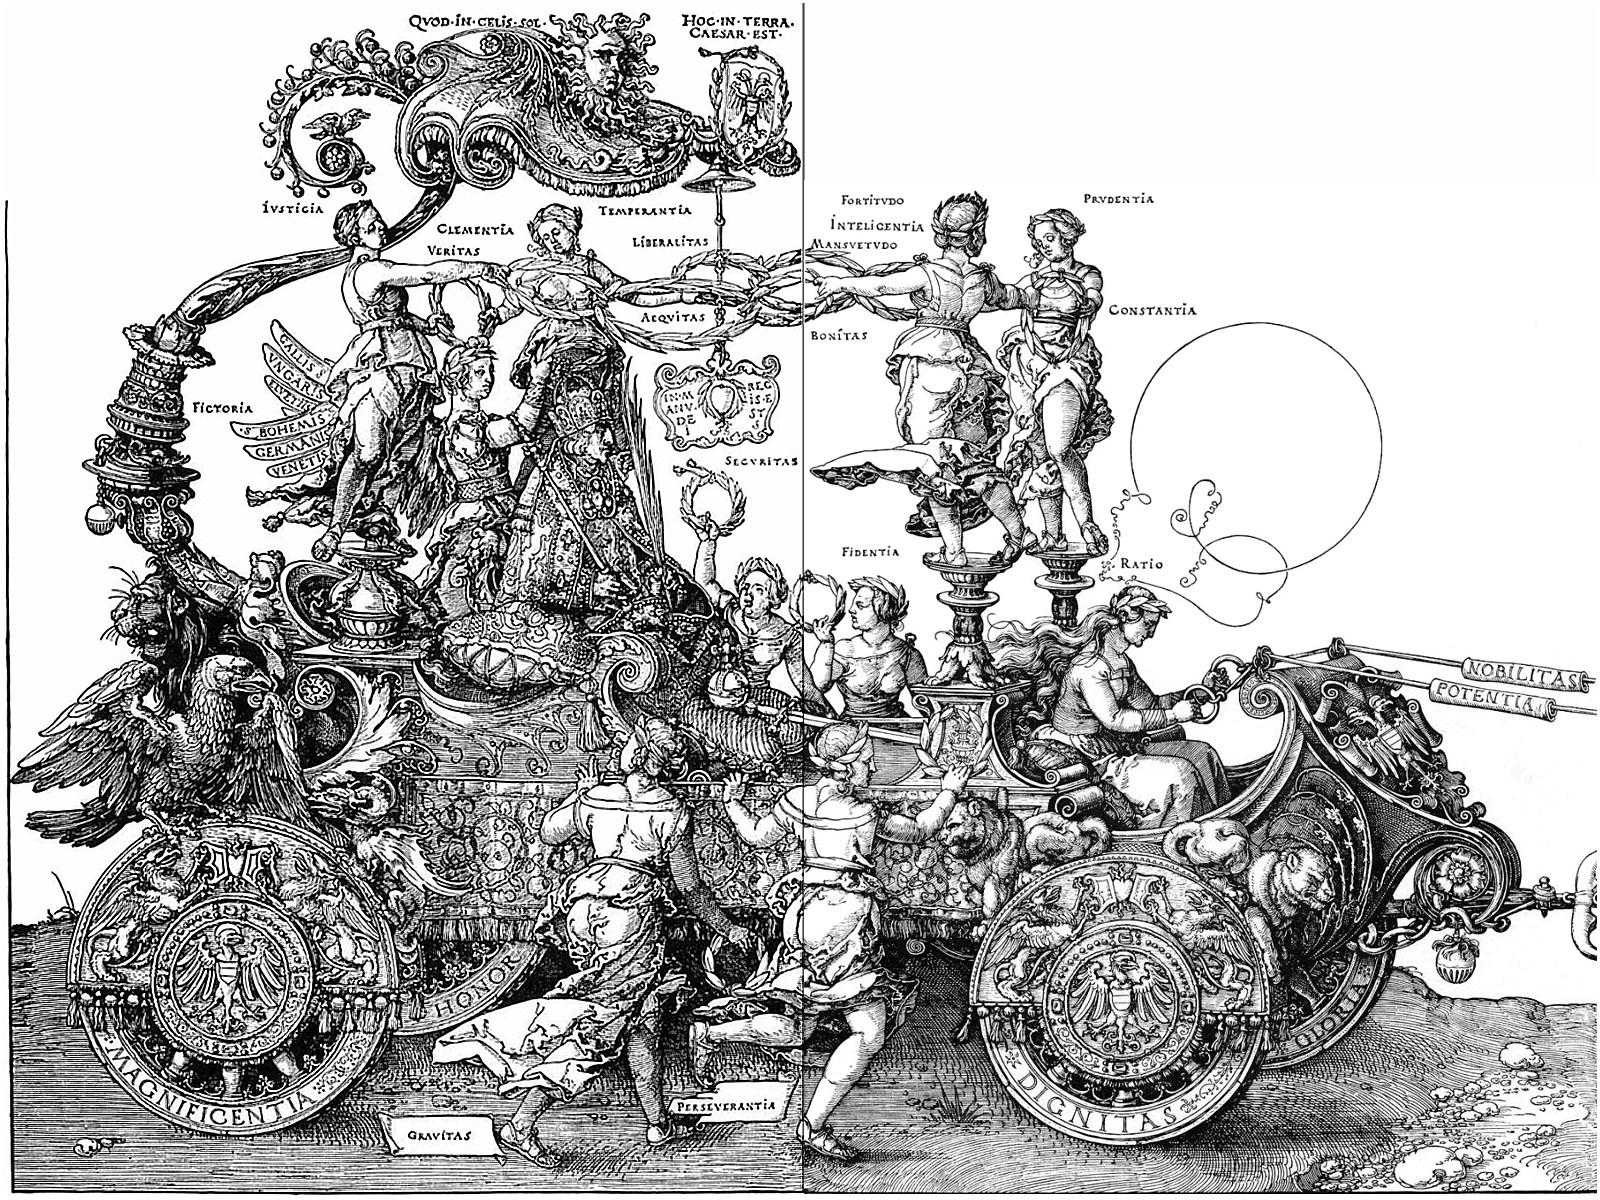 durer-large-triumphal-chariot.jpg